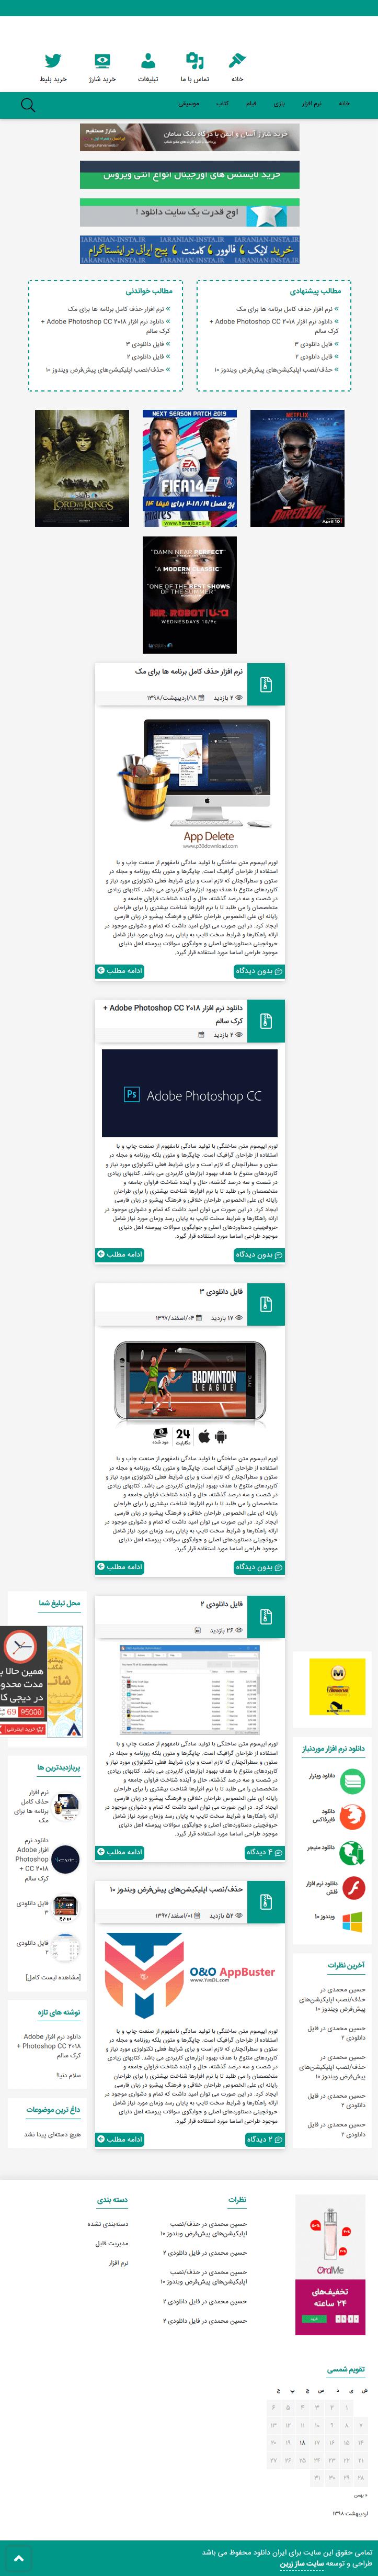 تصویر سایت ایران دانلود در حالت تبلت